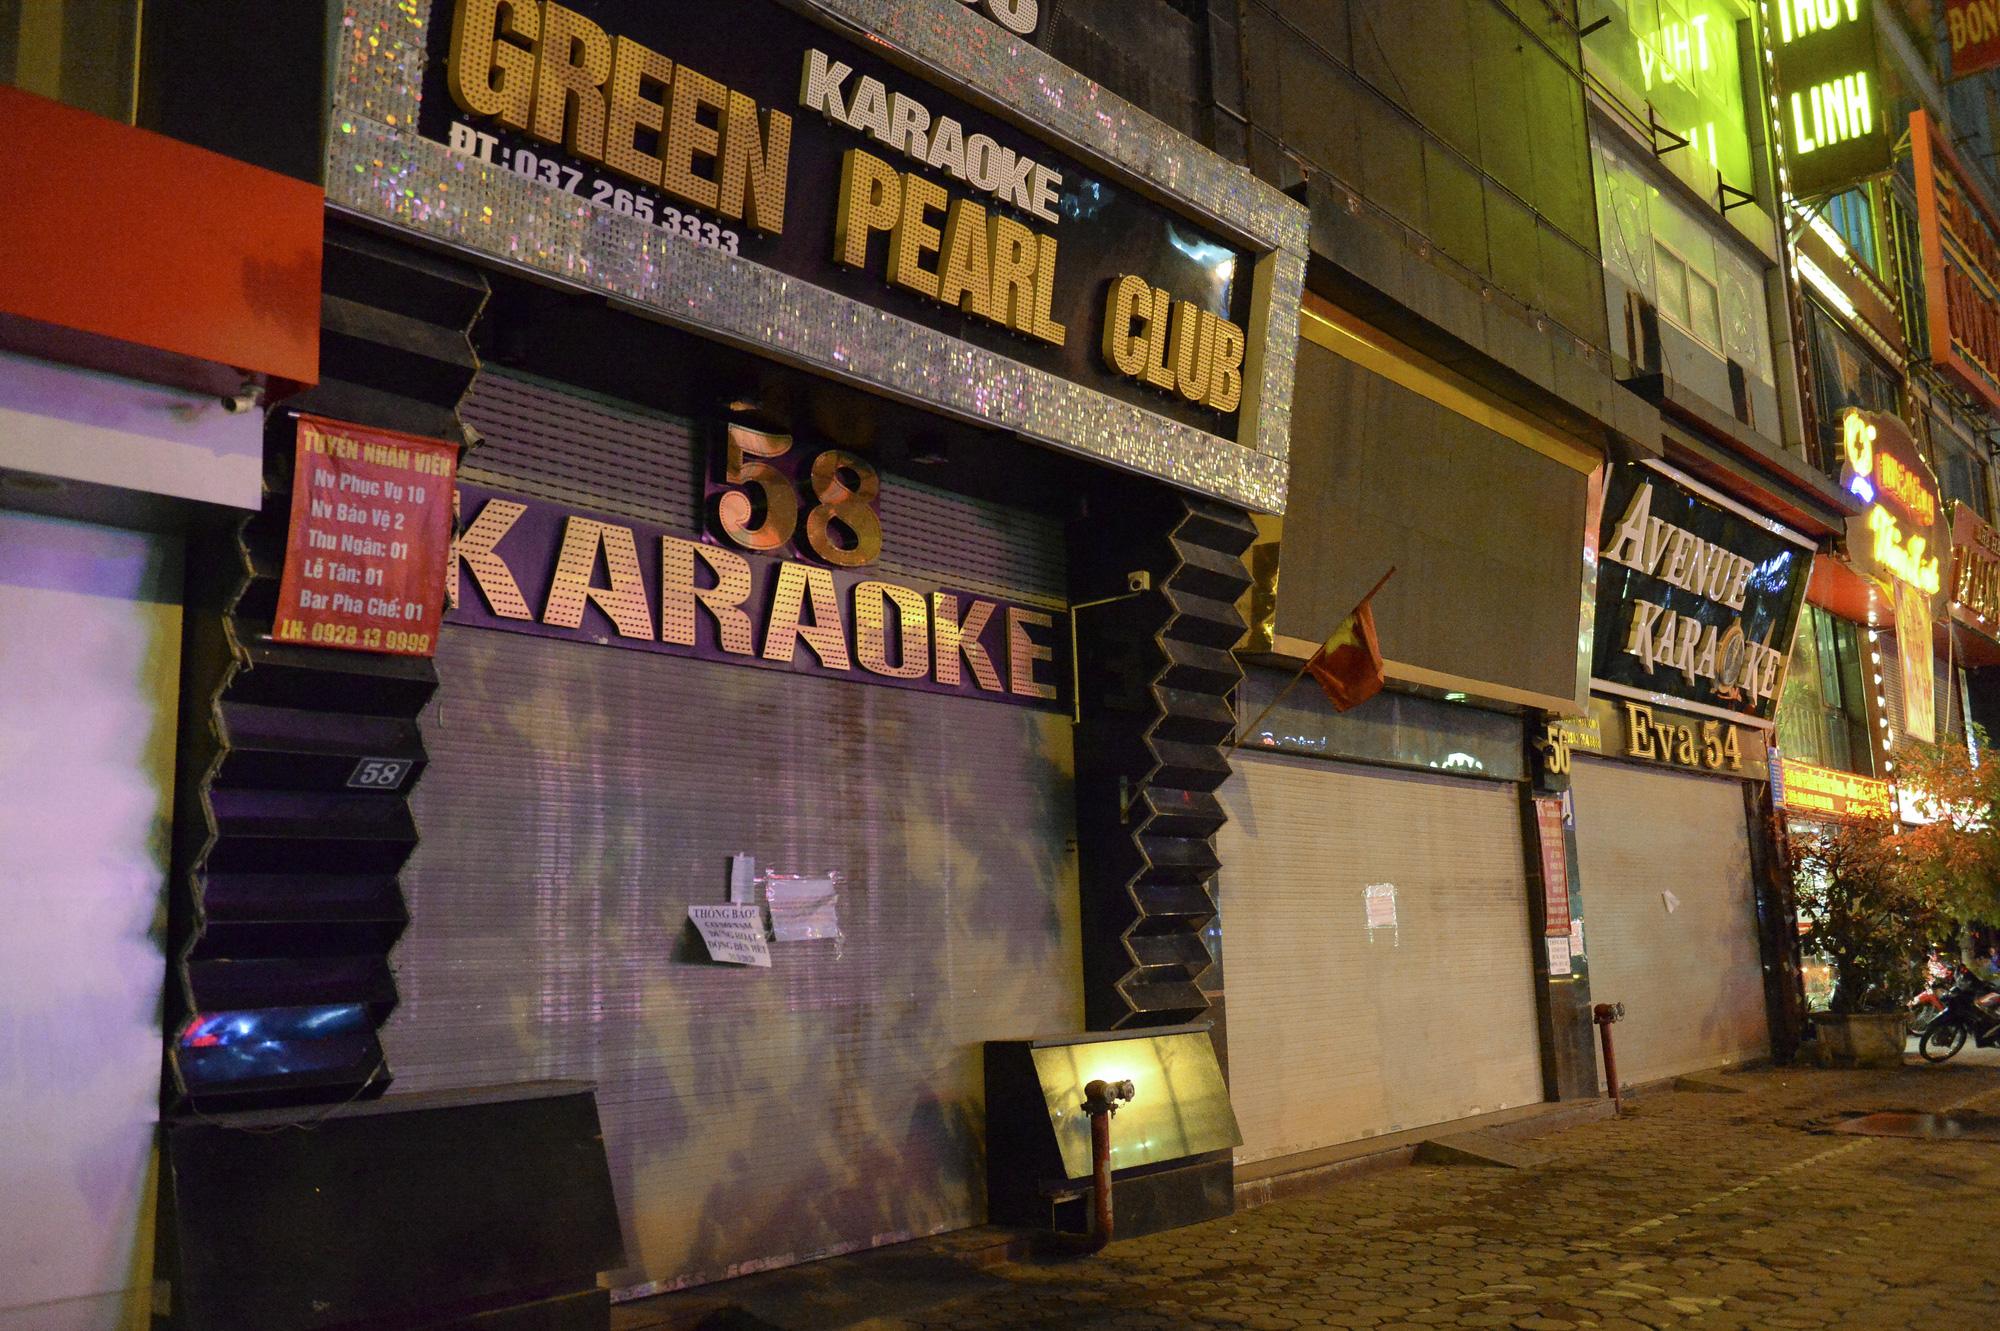 Hình ảnh khác lạ của các phố karaoke nổi tiếng Hà Nội sau chỉ đạo đóng cửa tạm thời - Ảnh 3.